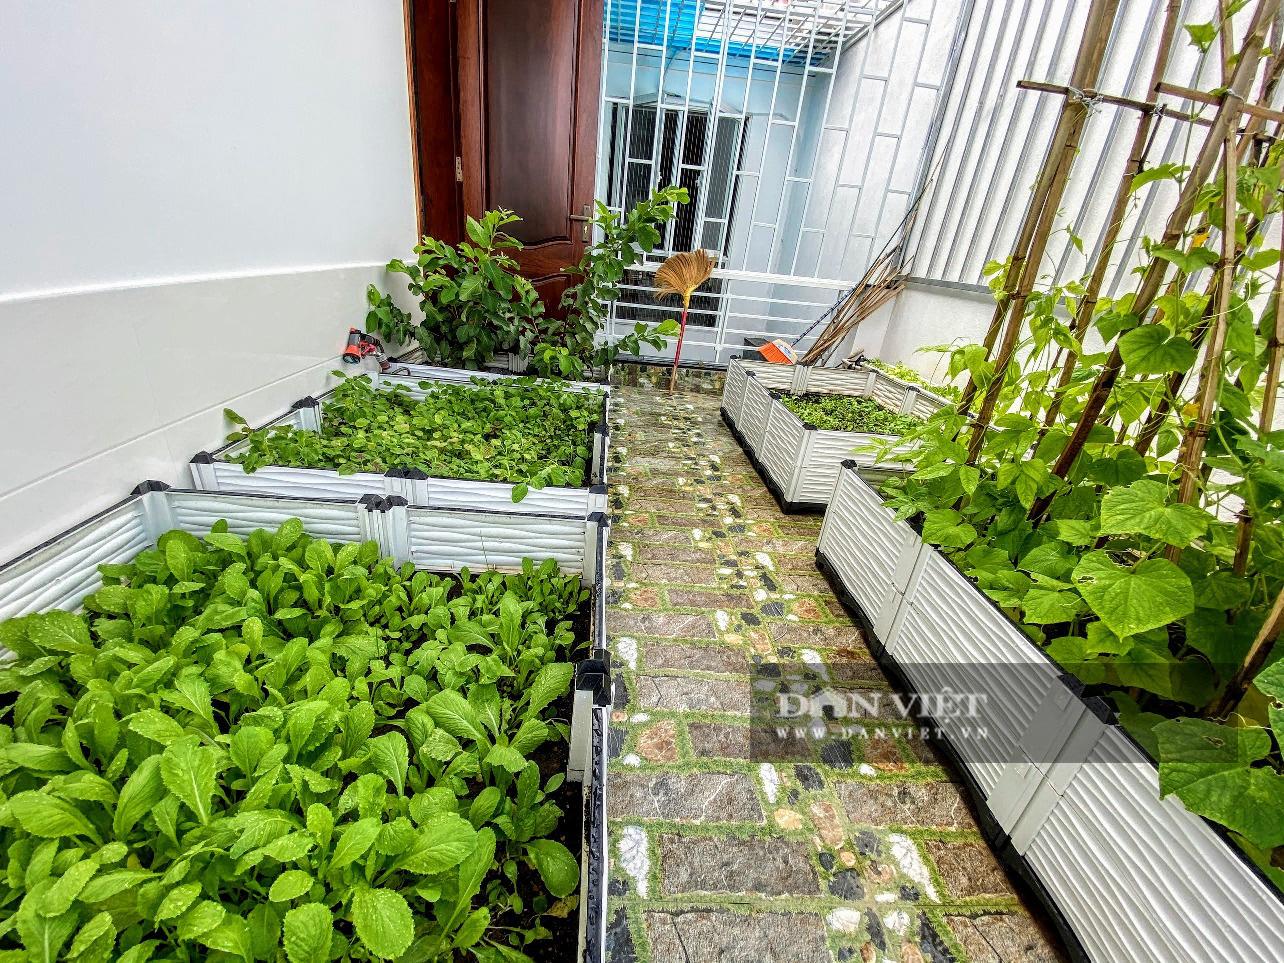 Làm vườn trên sân thượng, nữ kế toán phục vụ rau xanh, sạch quanh năm cho gia đình - Ảnh 2.